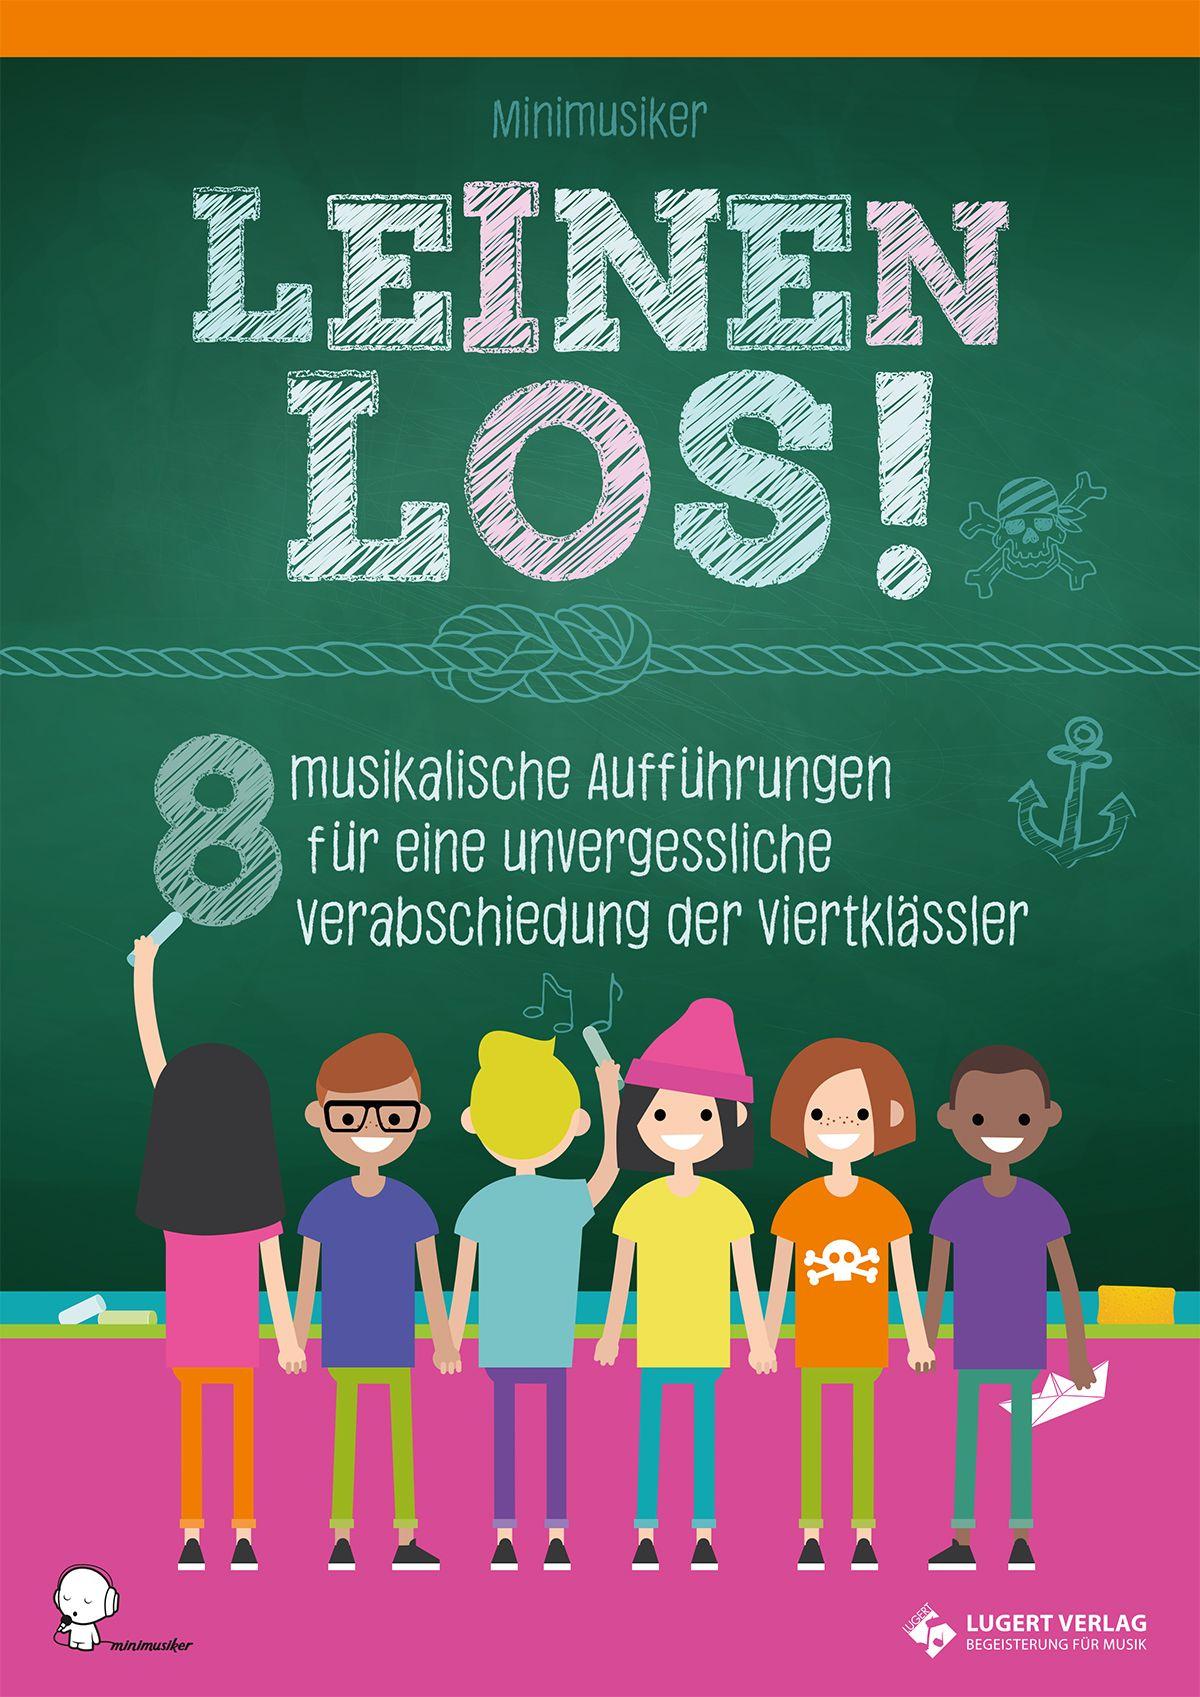 Aufführungsmaterial Für Die Grundschule: Du Planst Eine bestimmt für Abschlussfeier Grundschule